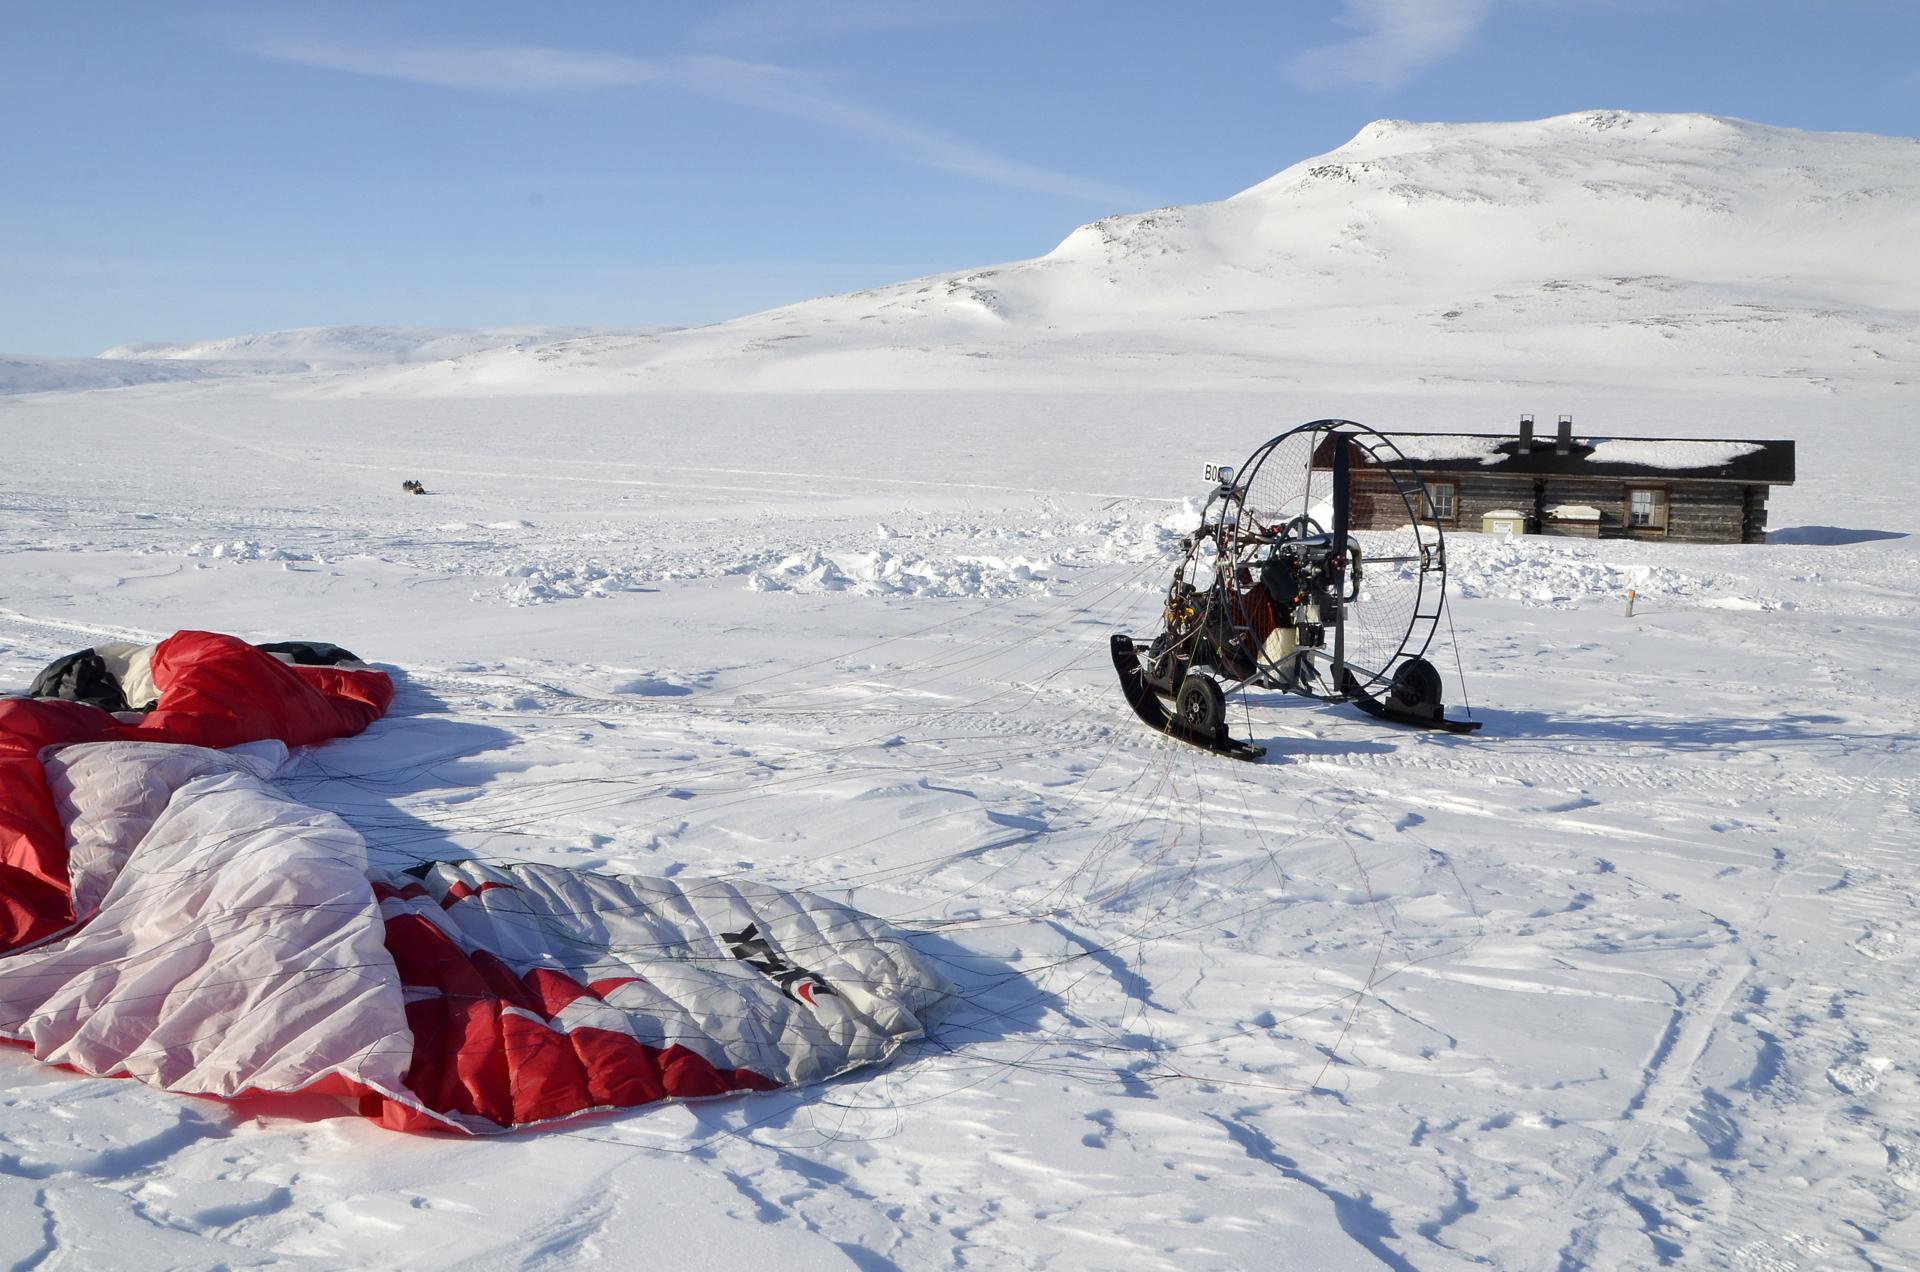 Ajoitus meni aivan nappiin, sillä muut tulivat juuri kelkalla jäätä pitkin.